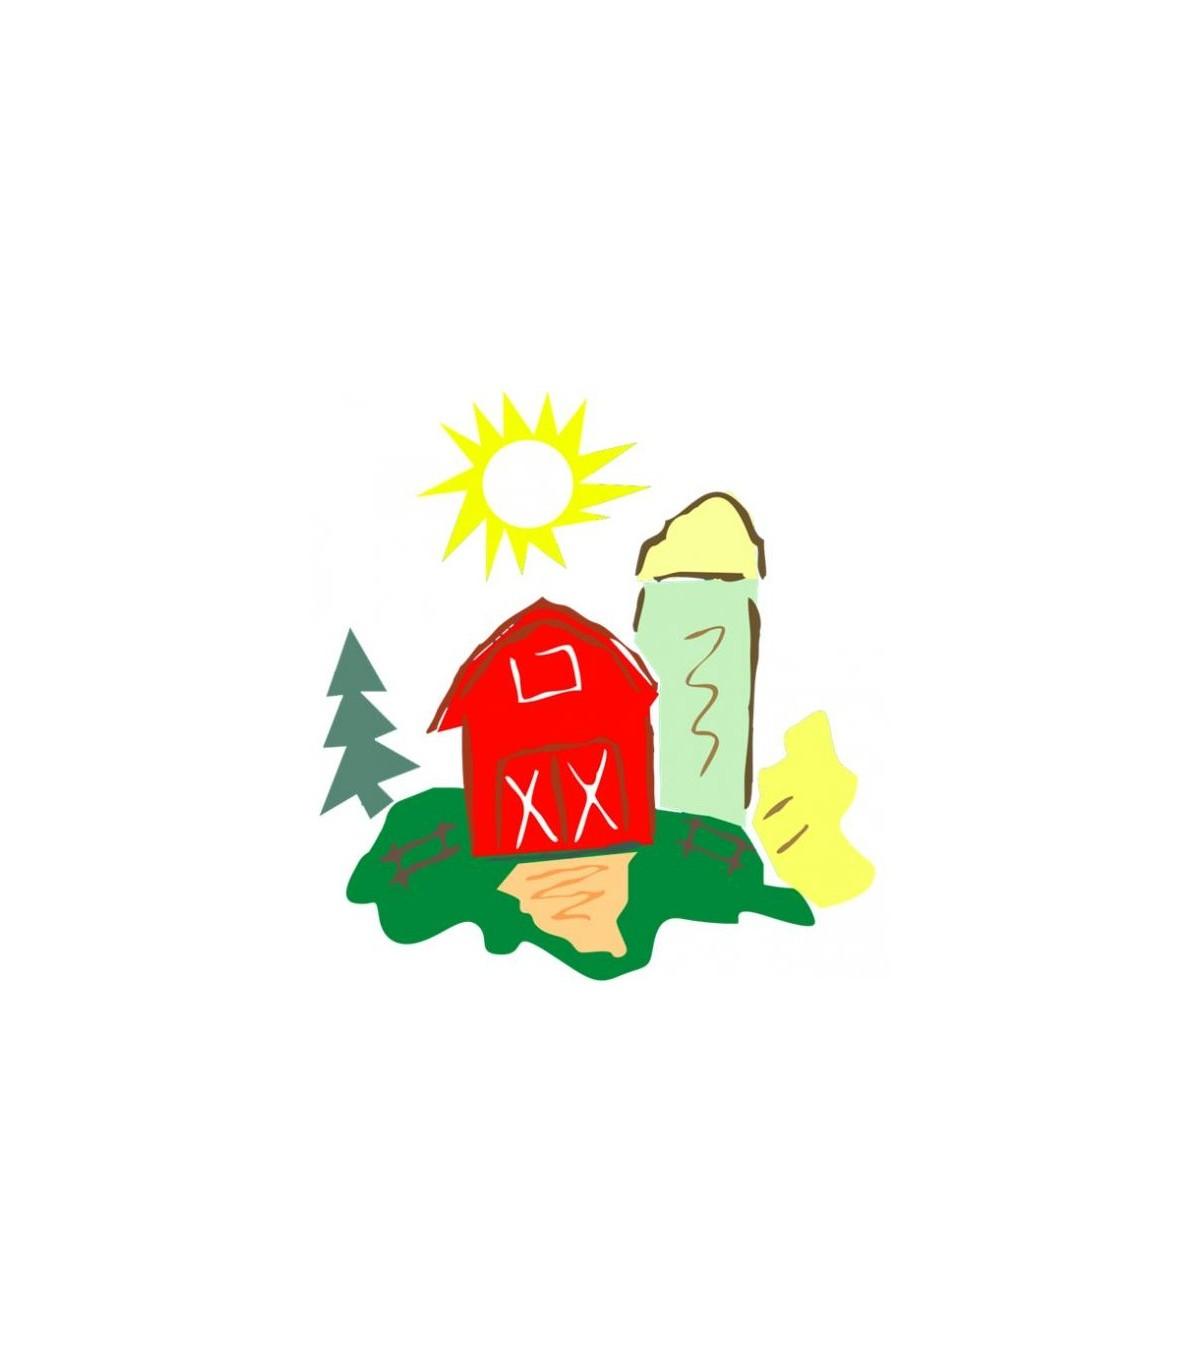 Sticker village 2